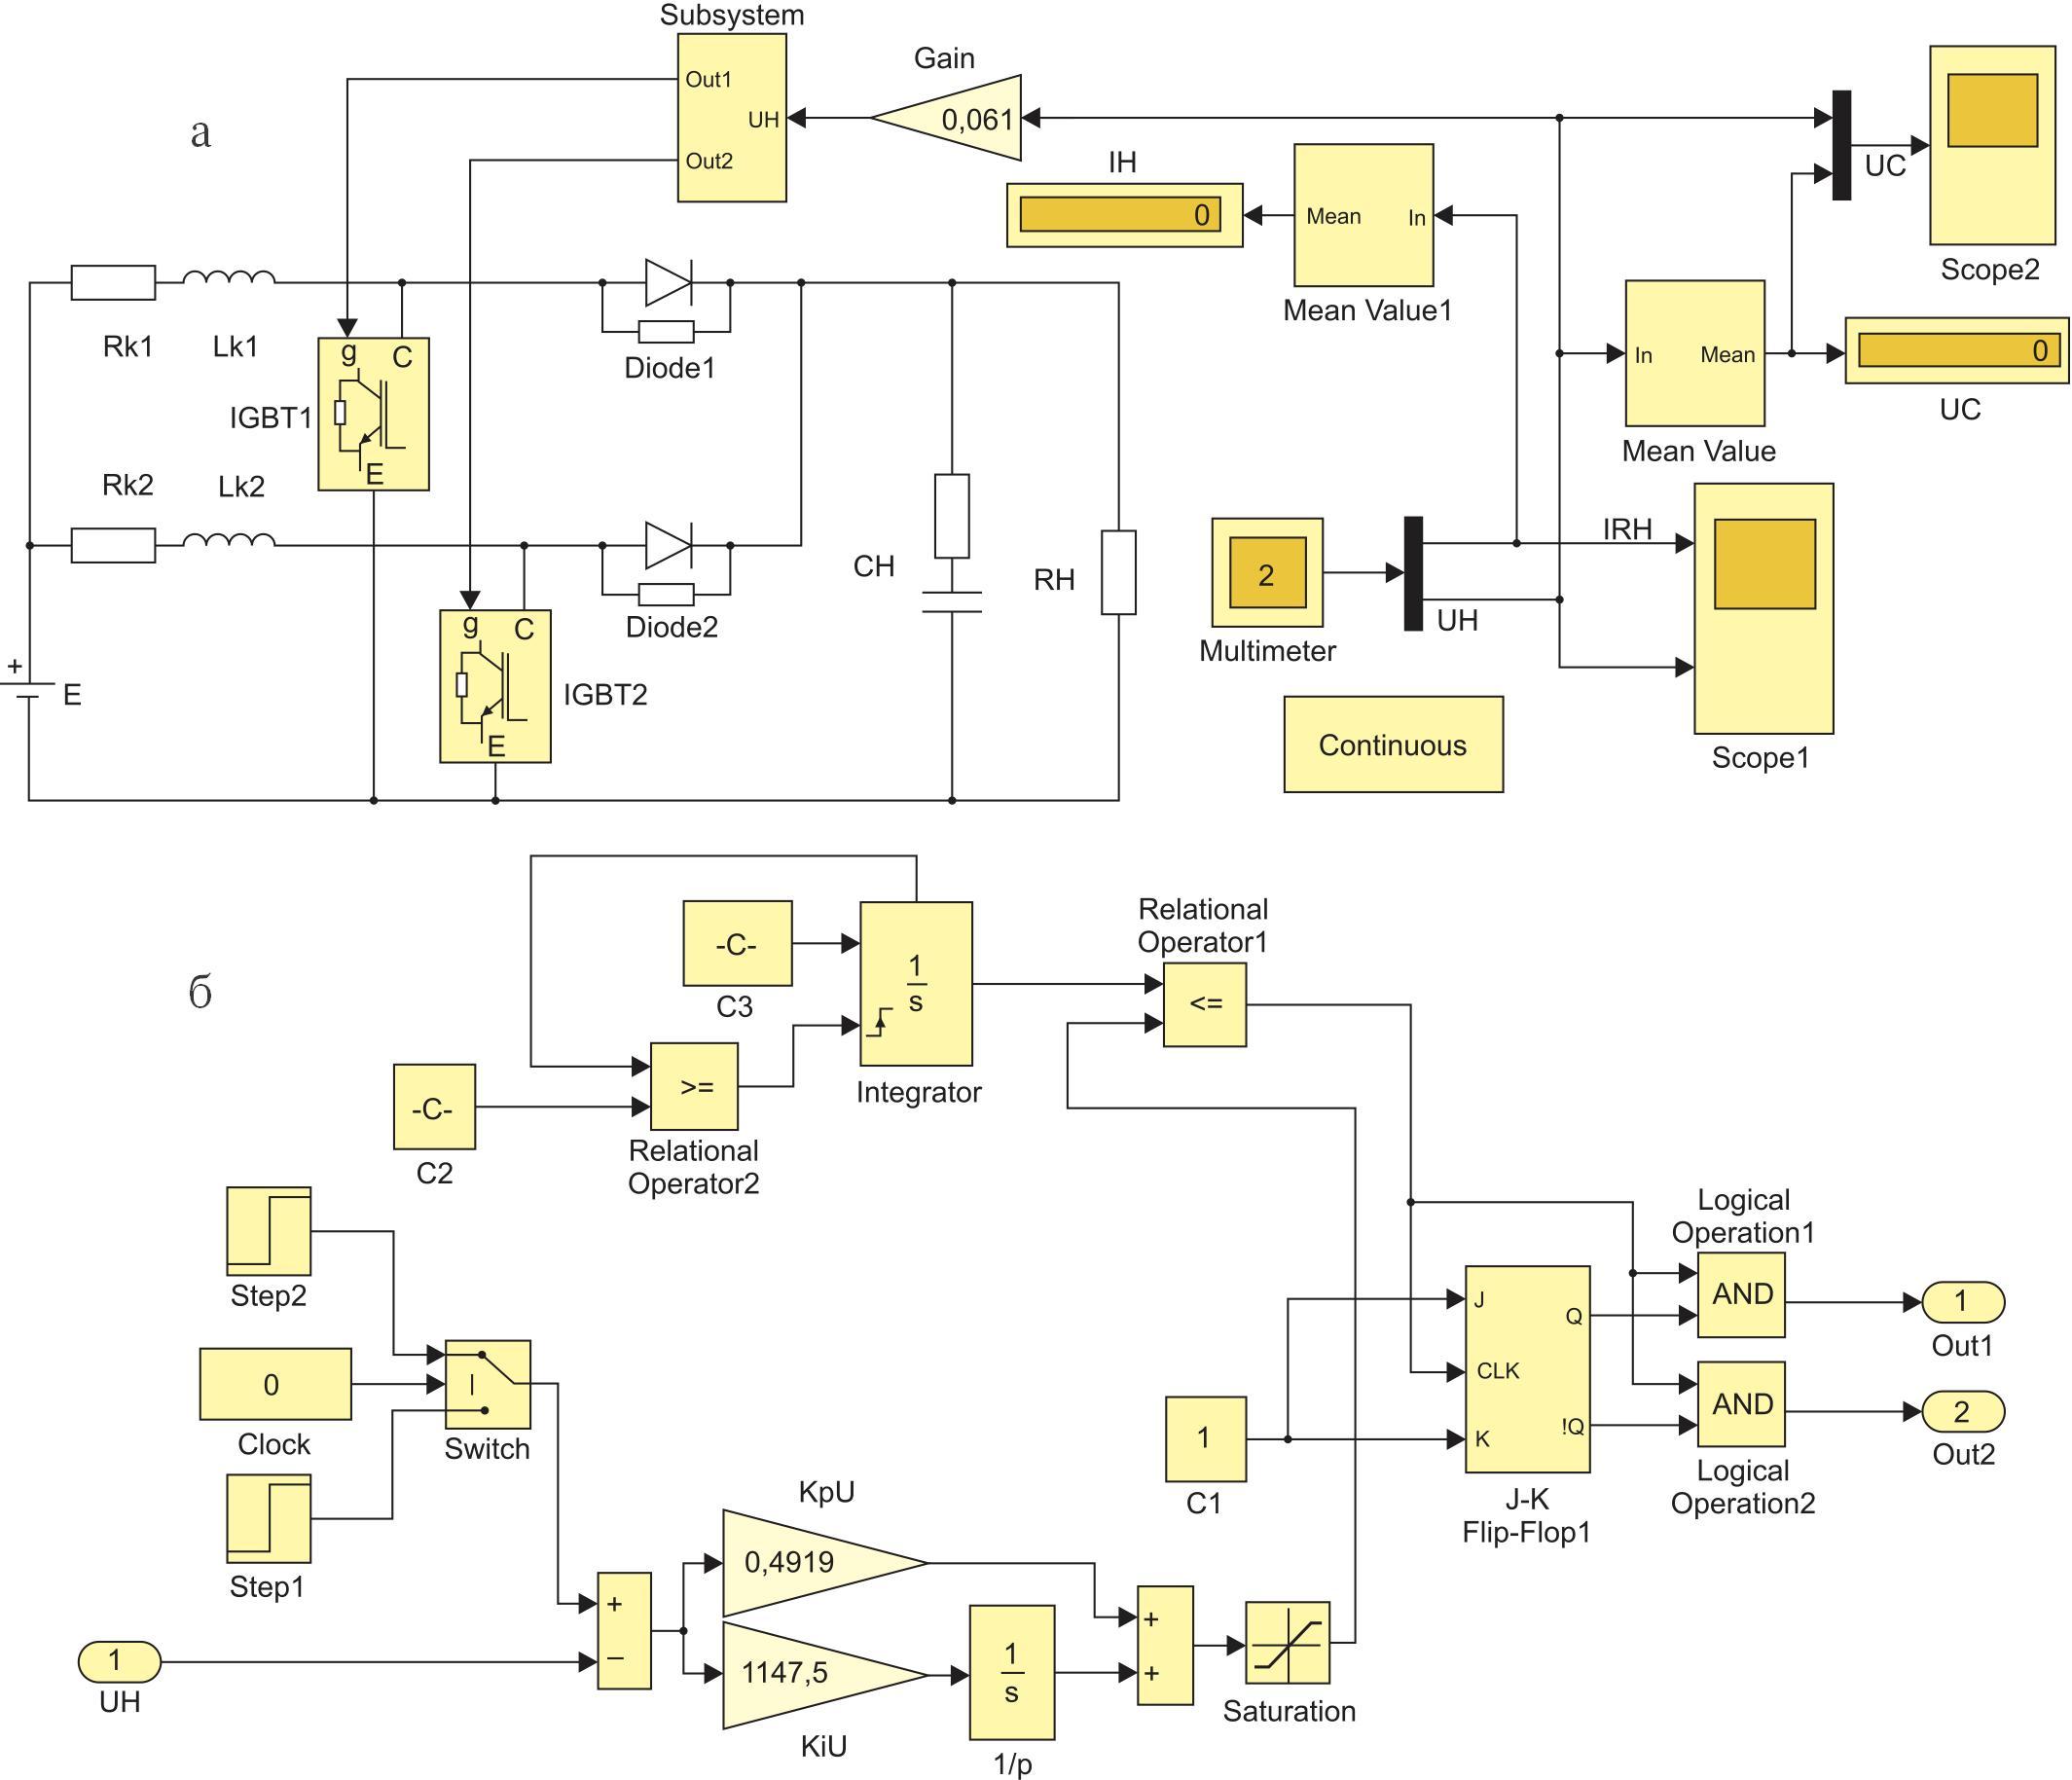 Модель двухфазного повышающего конвертера с системой управления, замкнутой по напряжению нагрузки, в MATLAB + Simulink